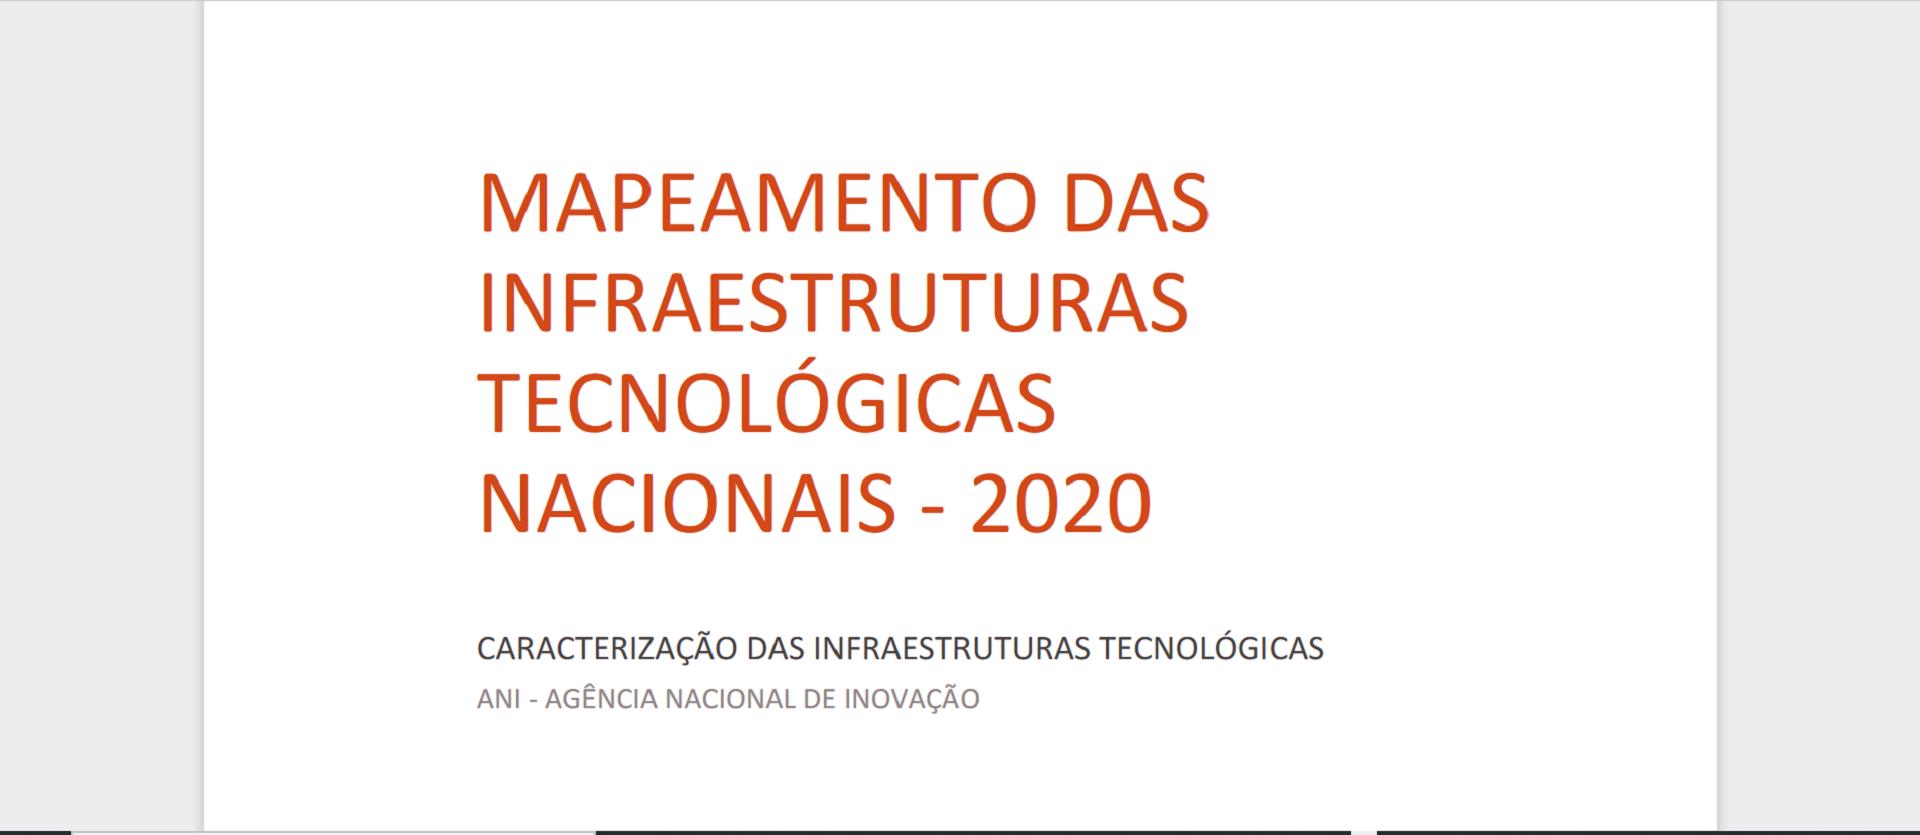 mapeamento-das-infraestruturas-tecnologicas-nacionais-2020